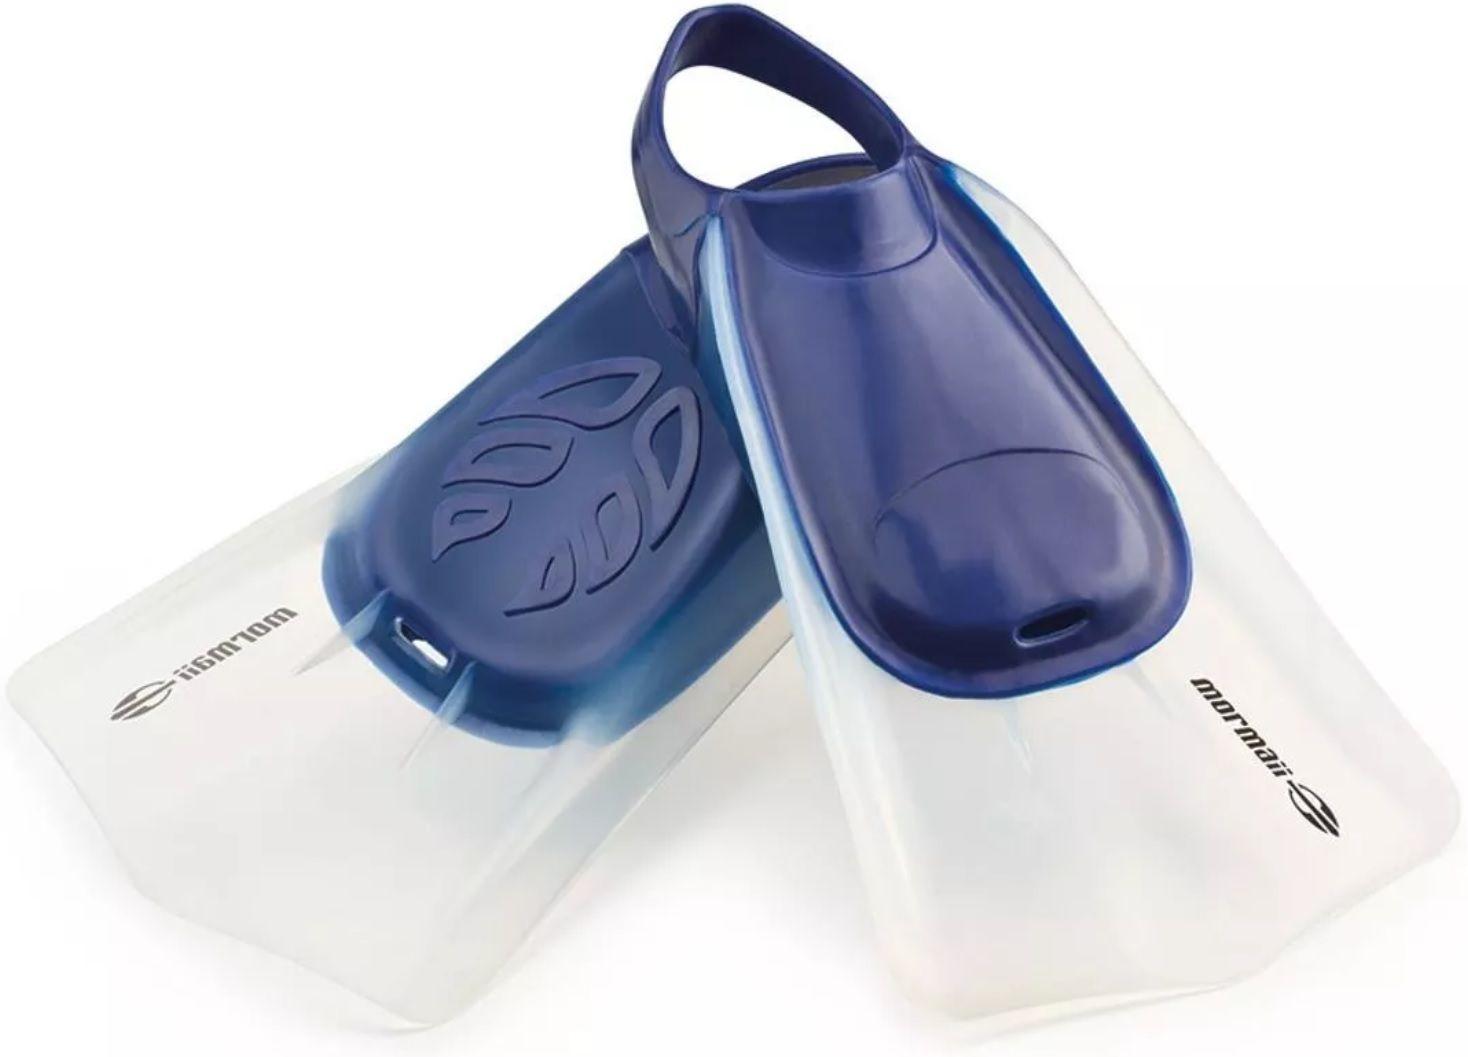 Nadadeira Pé de Pato Mormaii Wave Azul Tamanho PP para Bodyboard e Natação